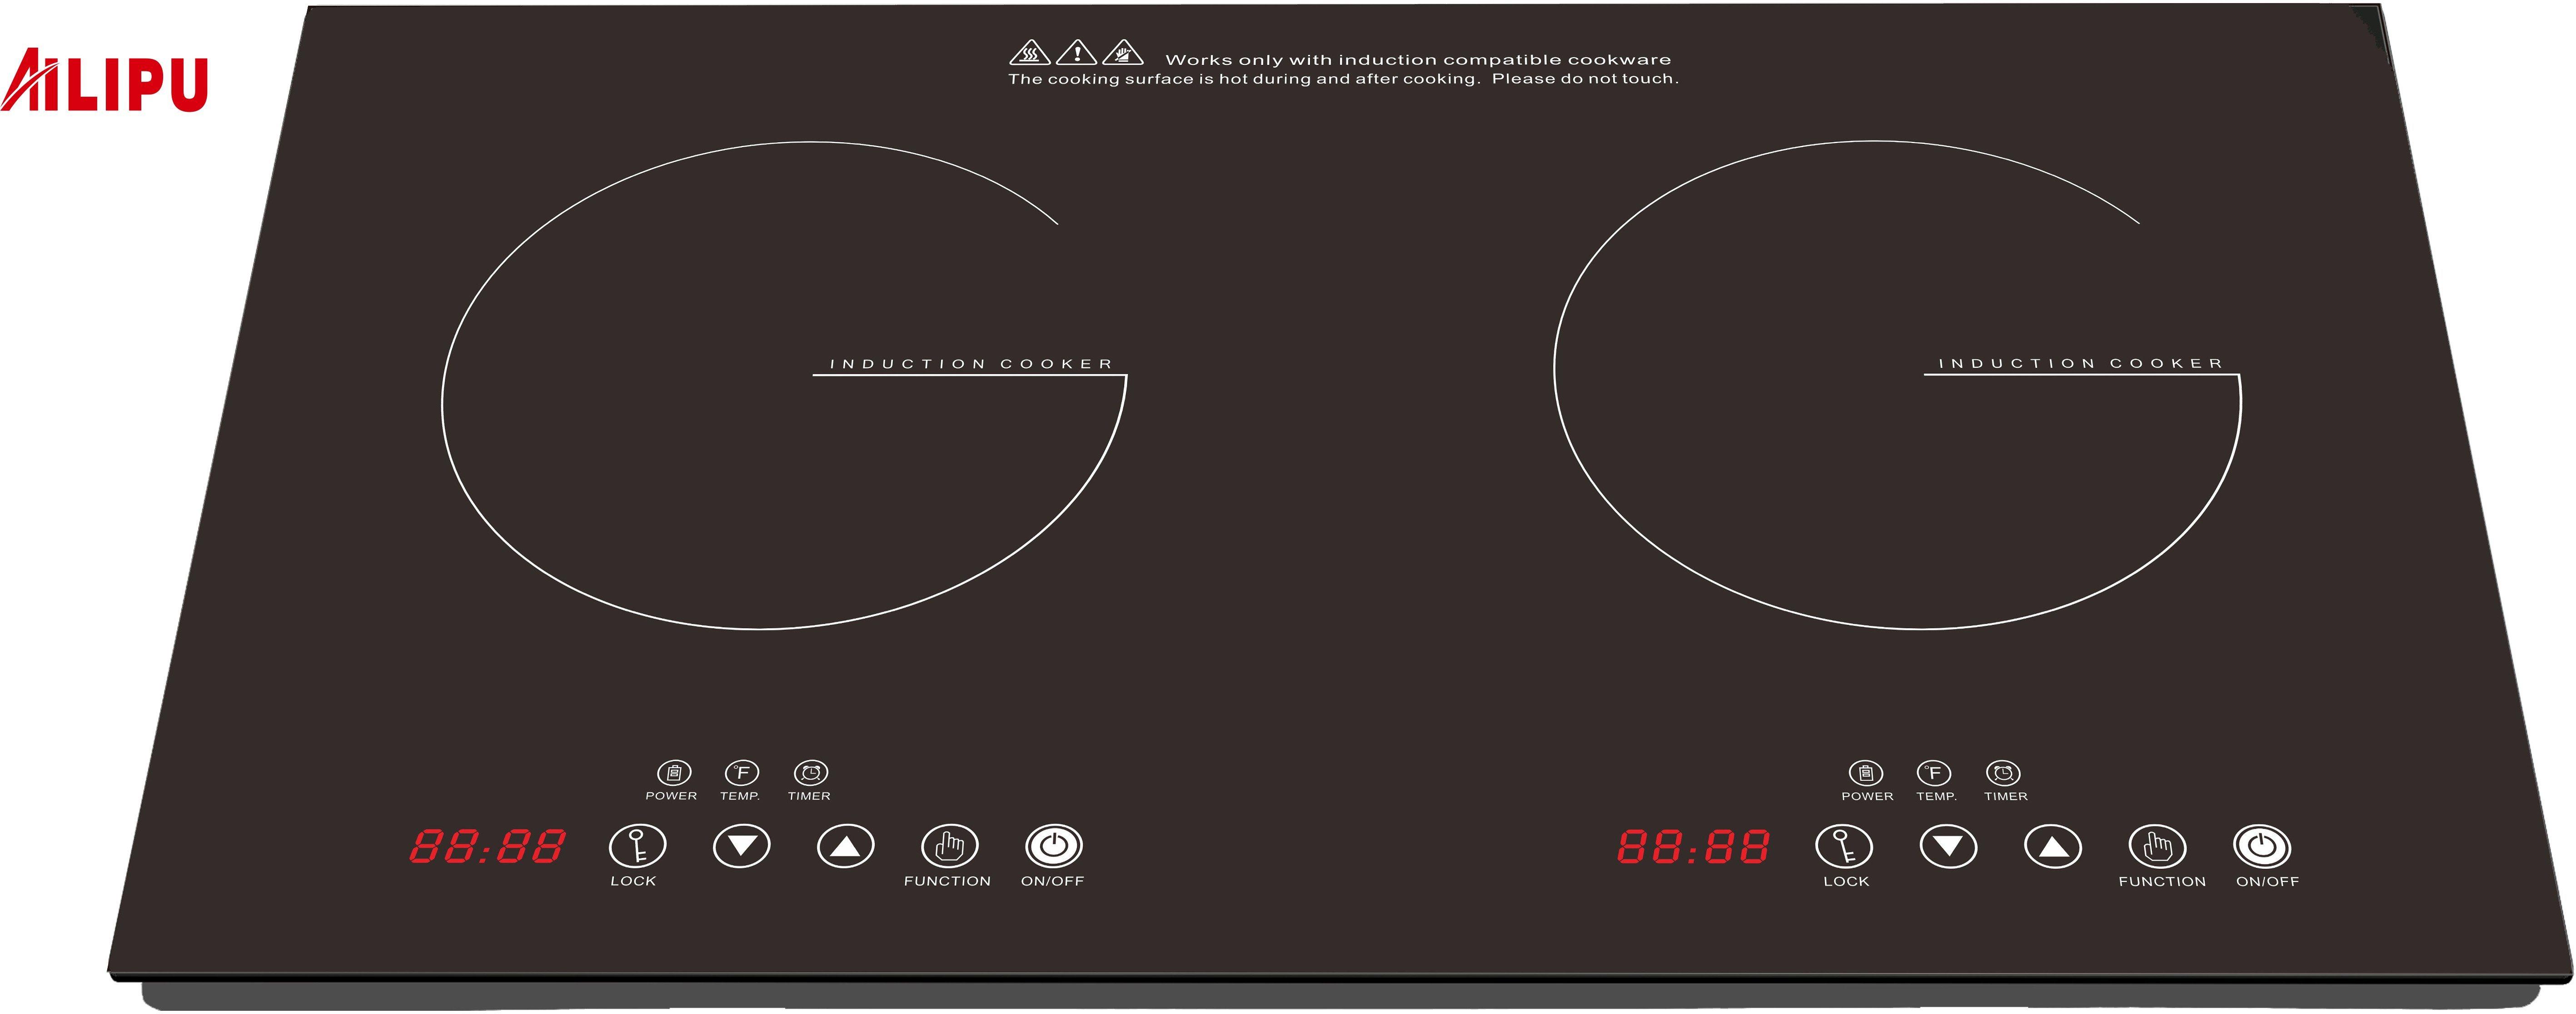 2 burner ETL 120V induction cooker for USA Market